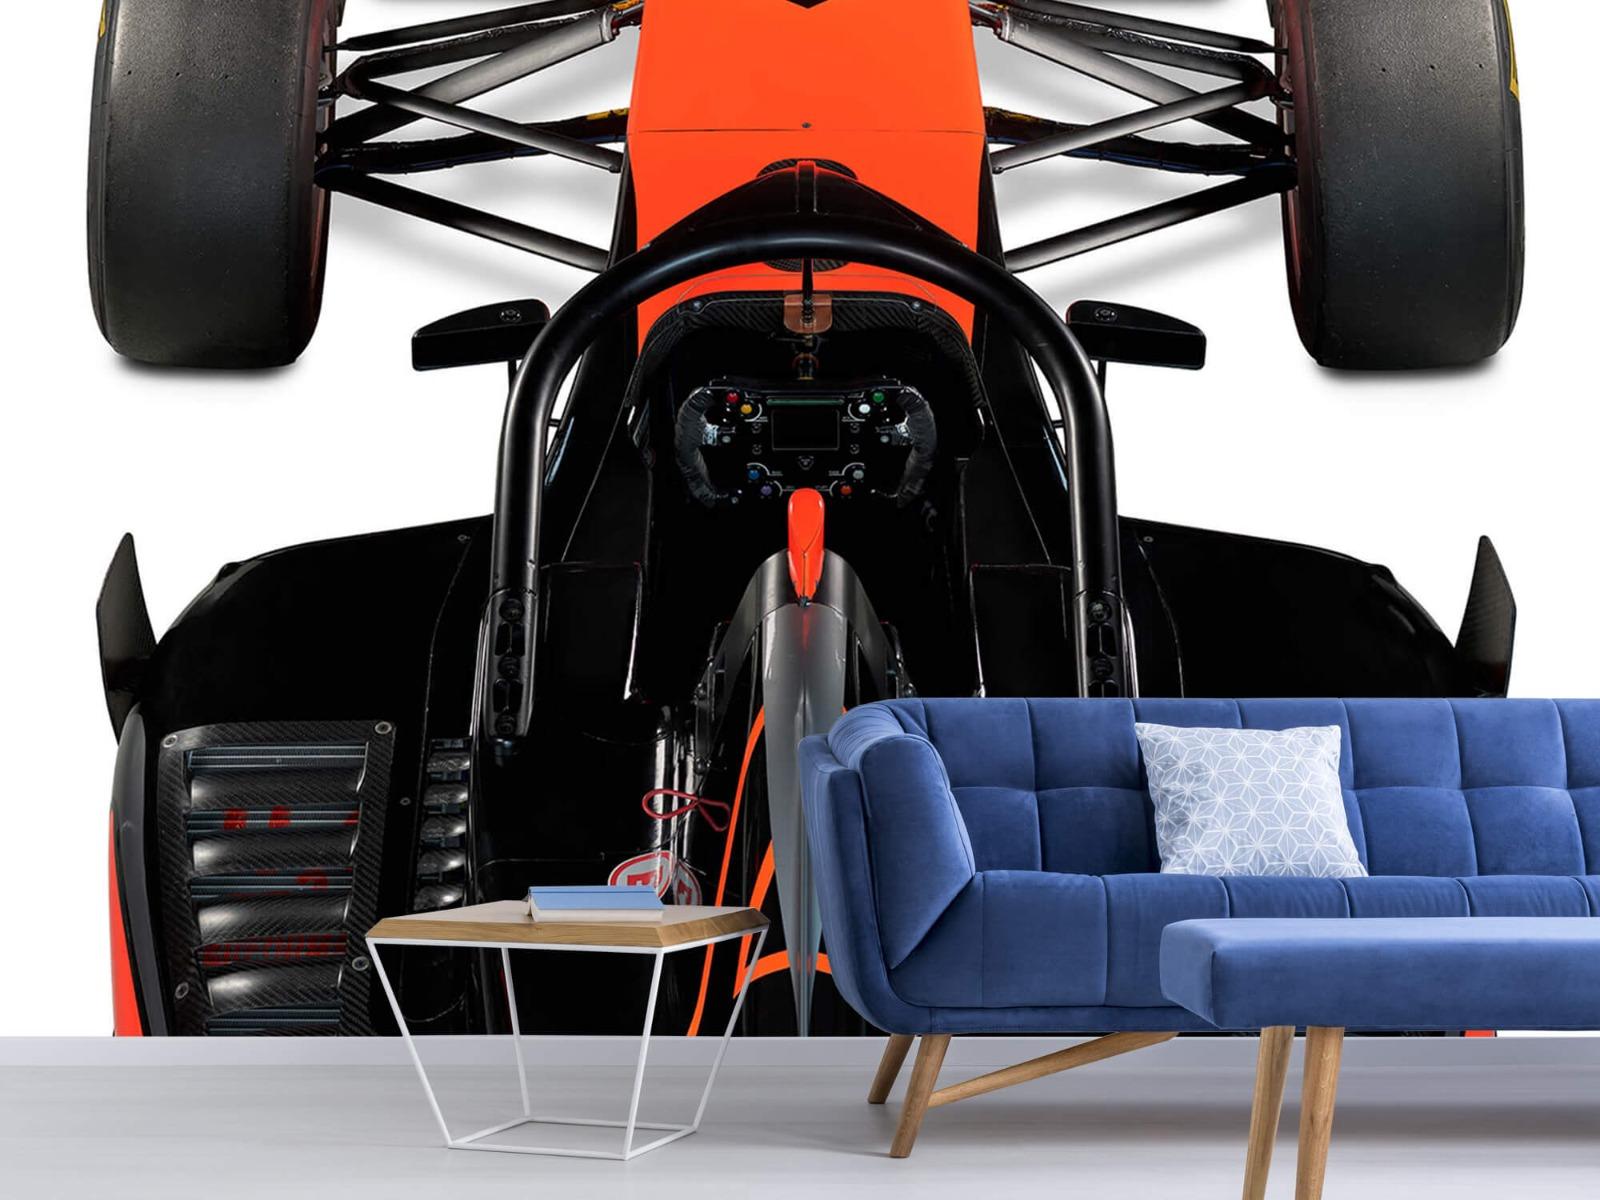 Sportauto's - Formule 3 - Cockpit view - Computerruimte 5